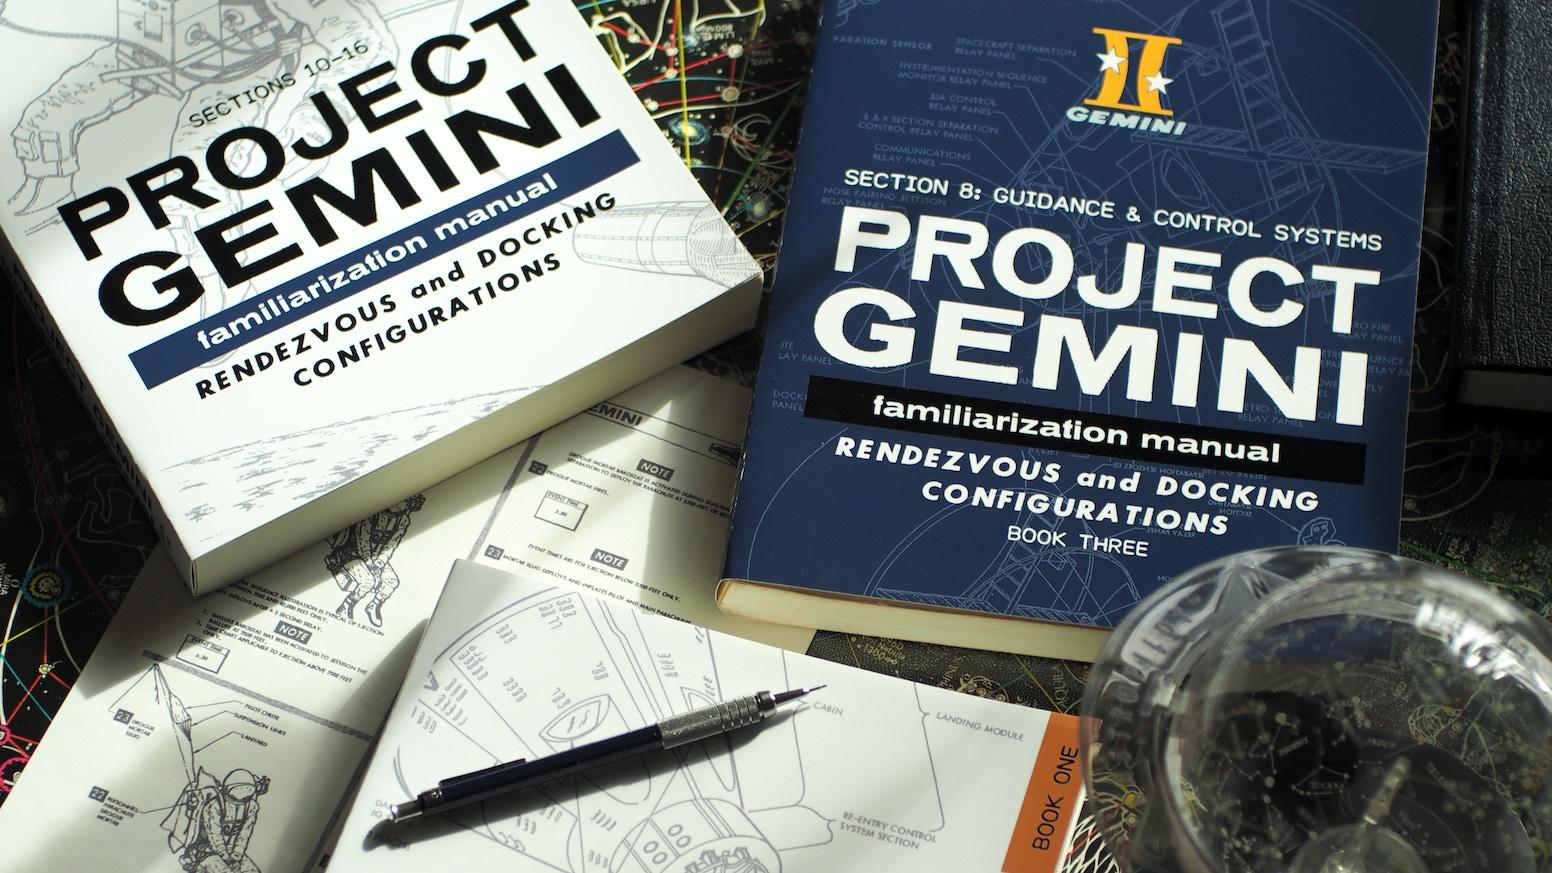 The original Gemini Familiarization Manual restored and reprinted in various editions.